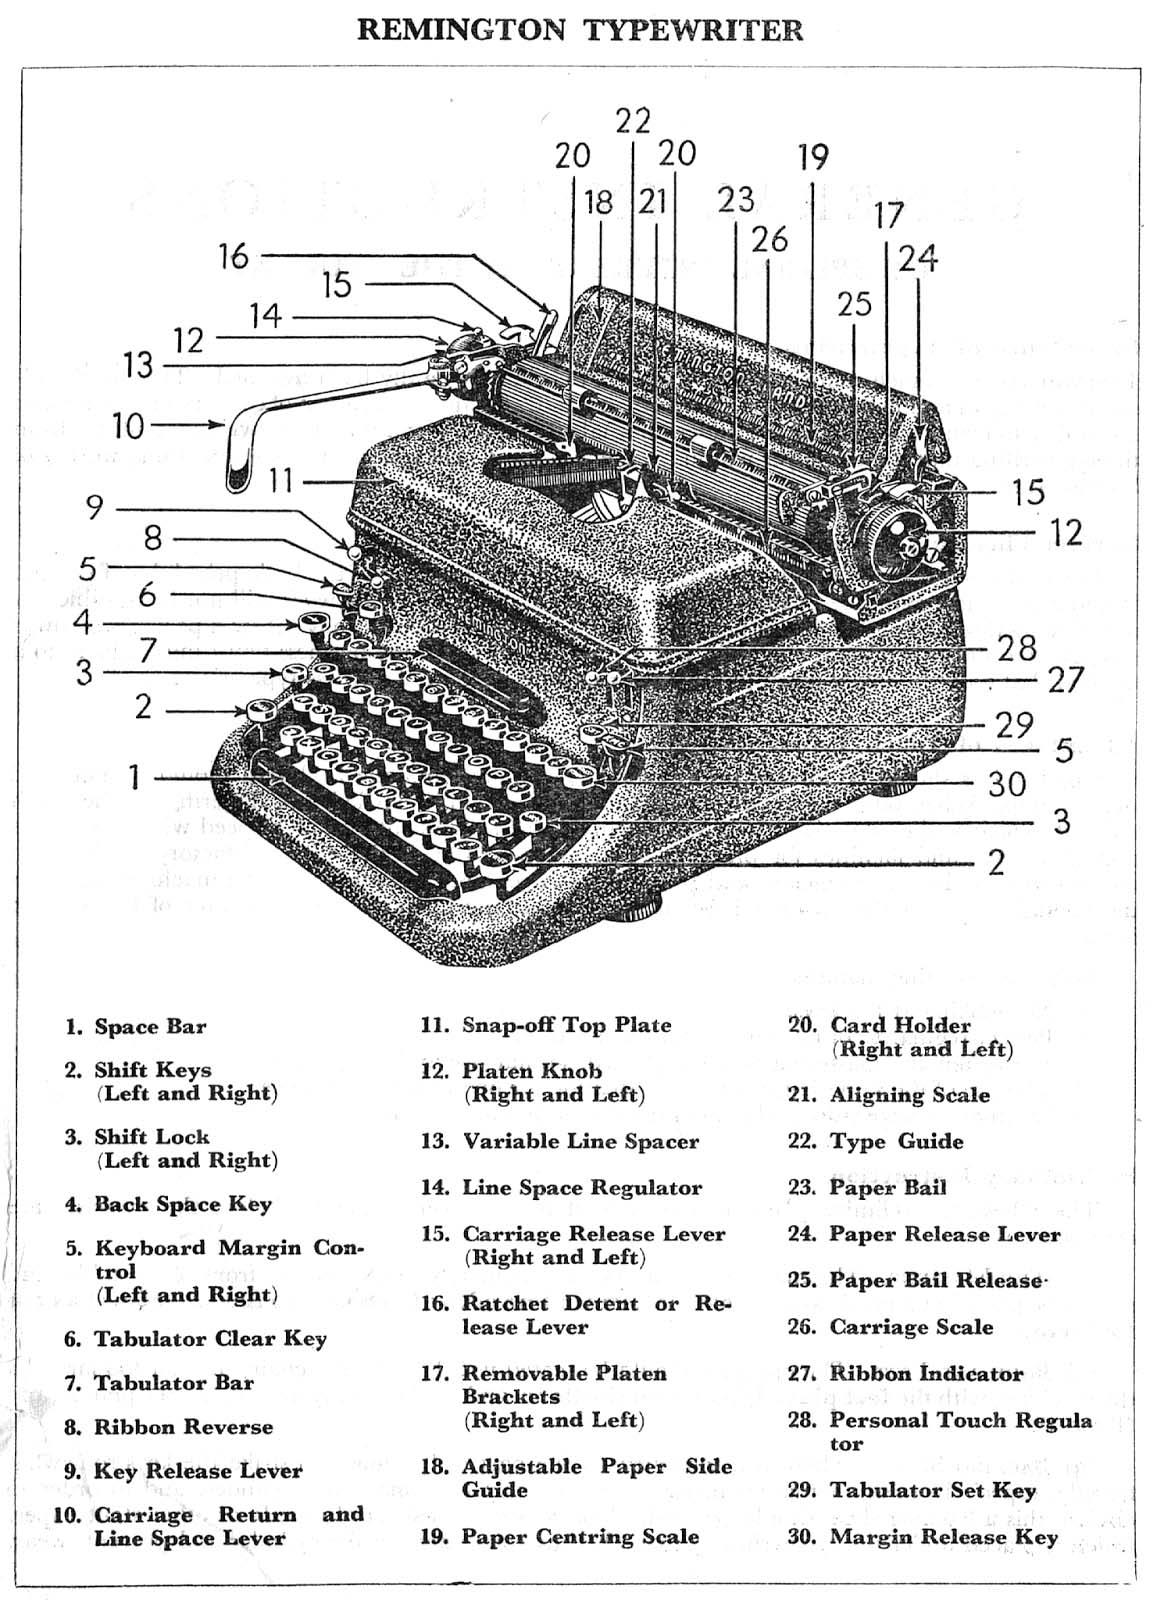 manual typewriter diagram 3 phase socket wiring parts of a remington rand kmc